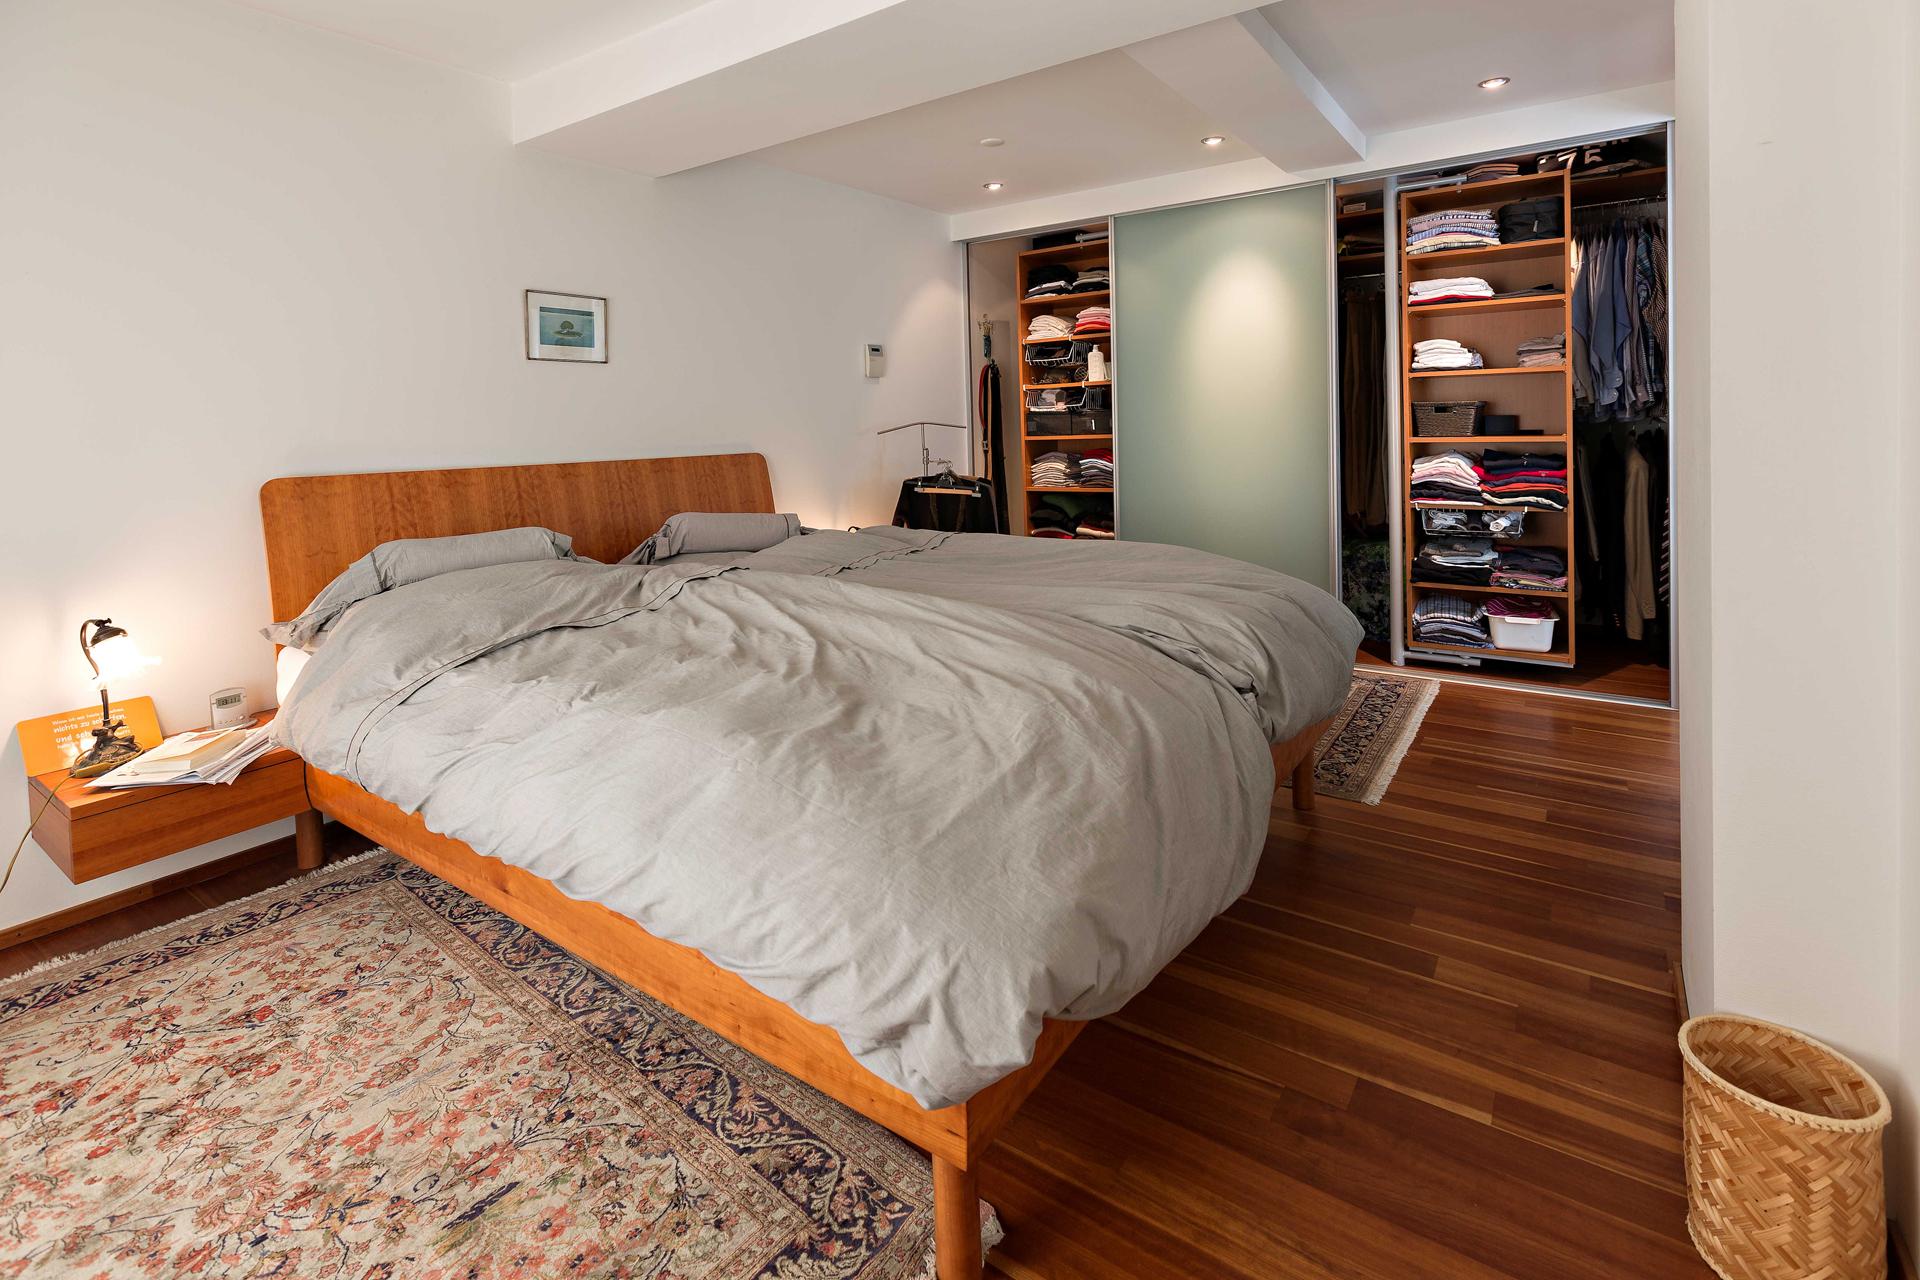 Bett Mit Schrank – sehremini